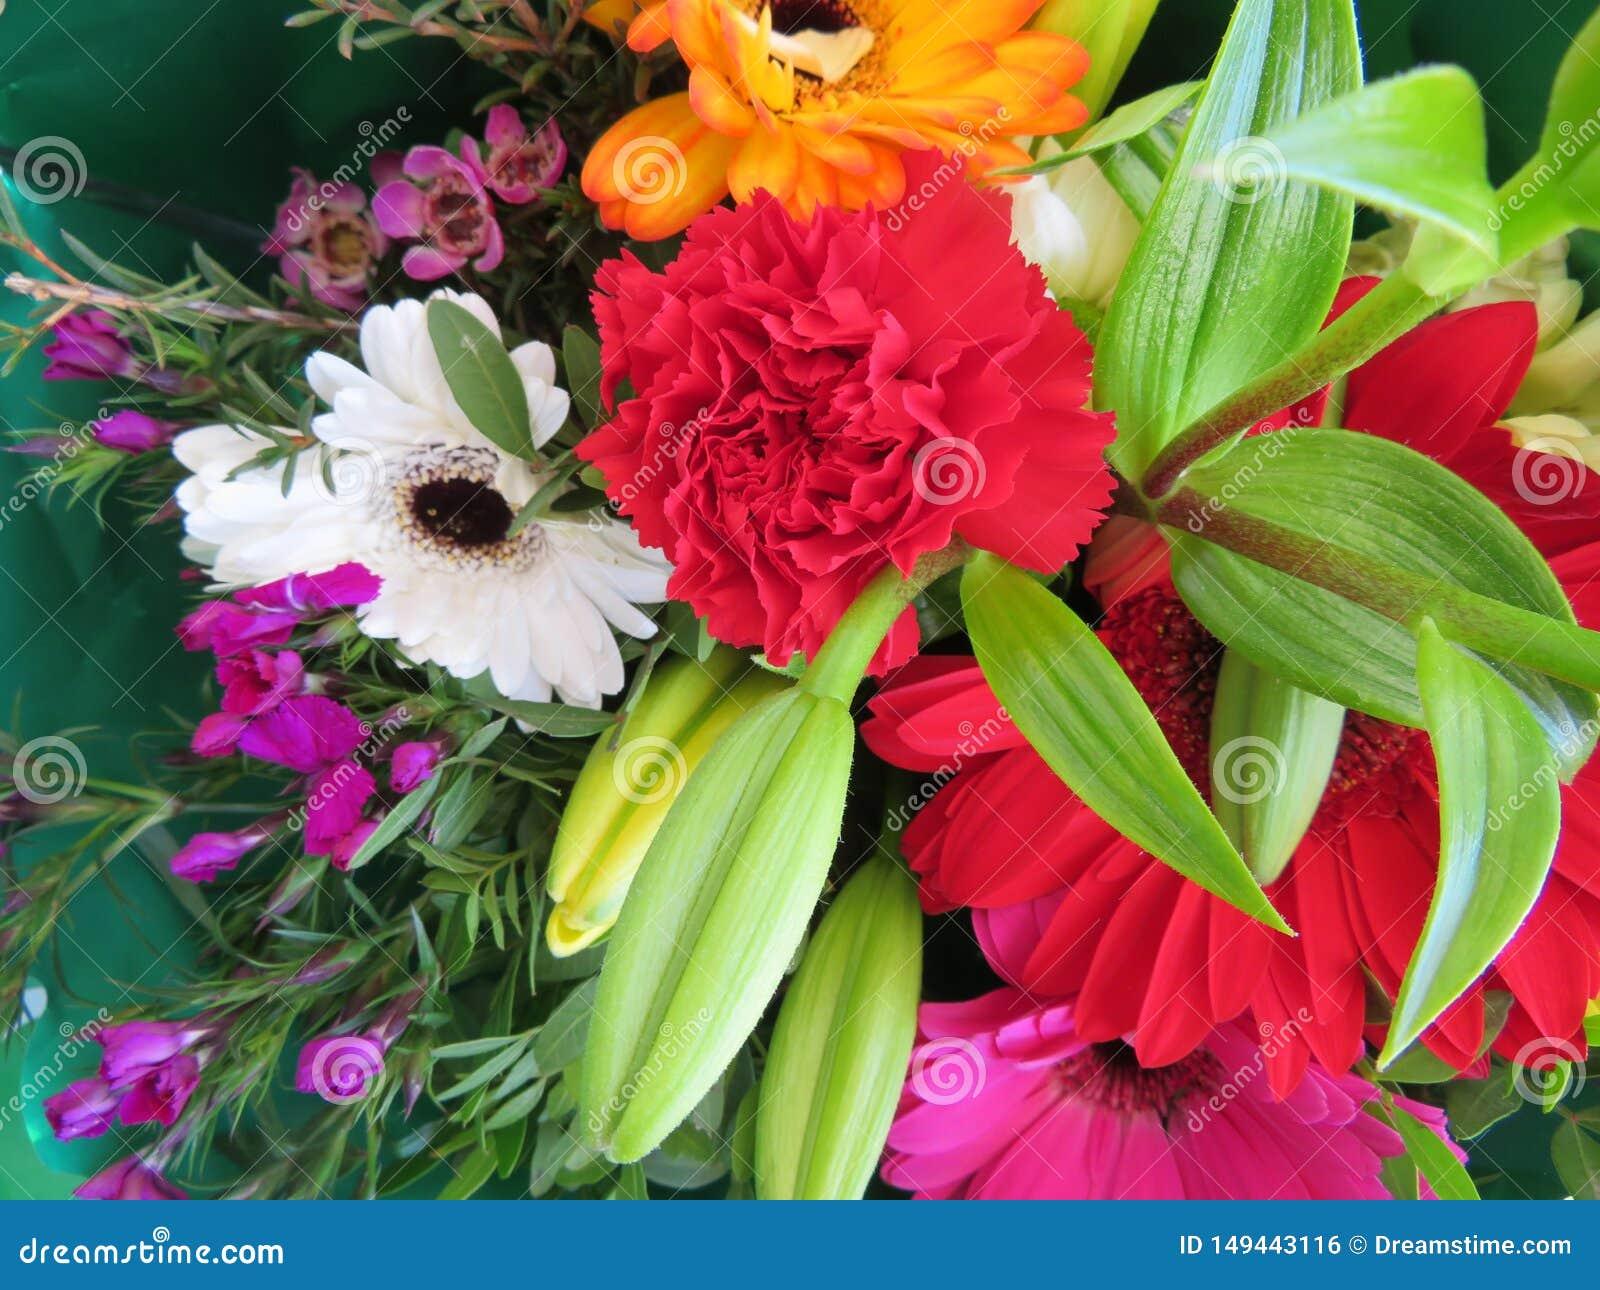 Fiori meravigliosi con un colore e un odore cos? buoni